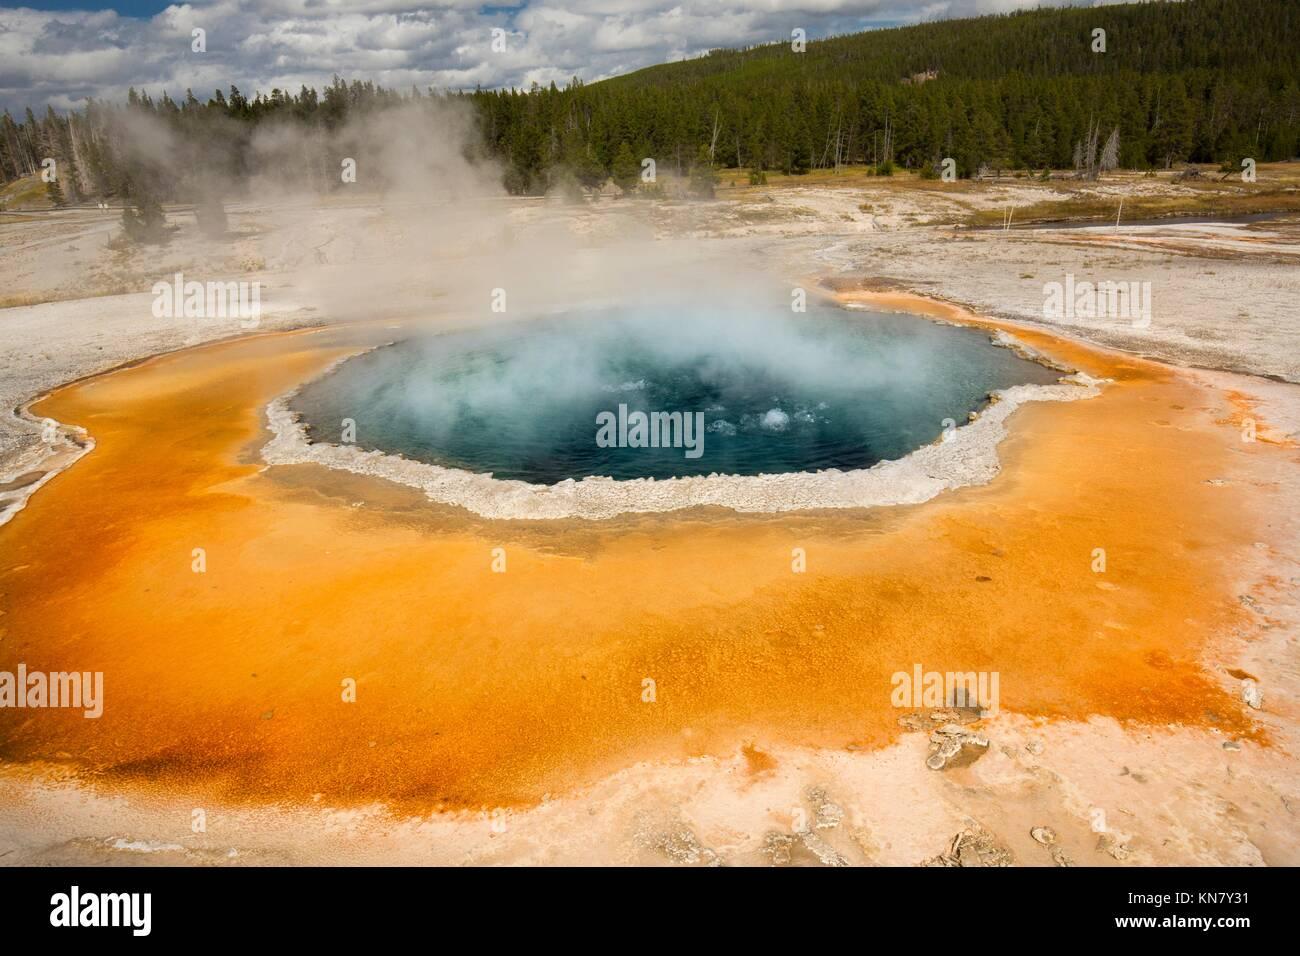 Morning Glory Pool, une source d'eau chaude dans la région de geyser Basin de Parc National de Yellowstone, Photo Stock